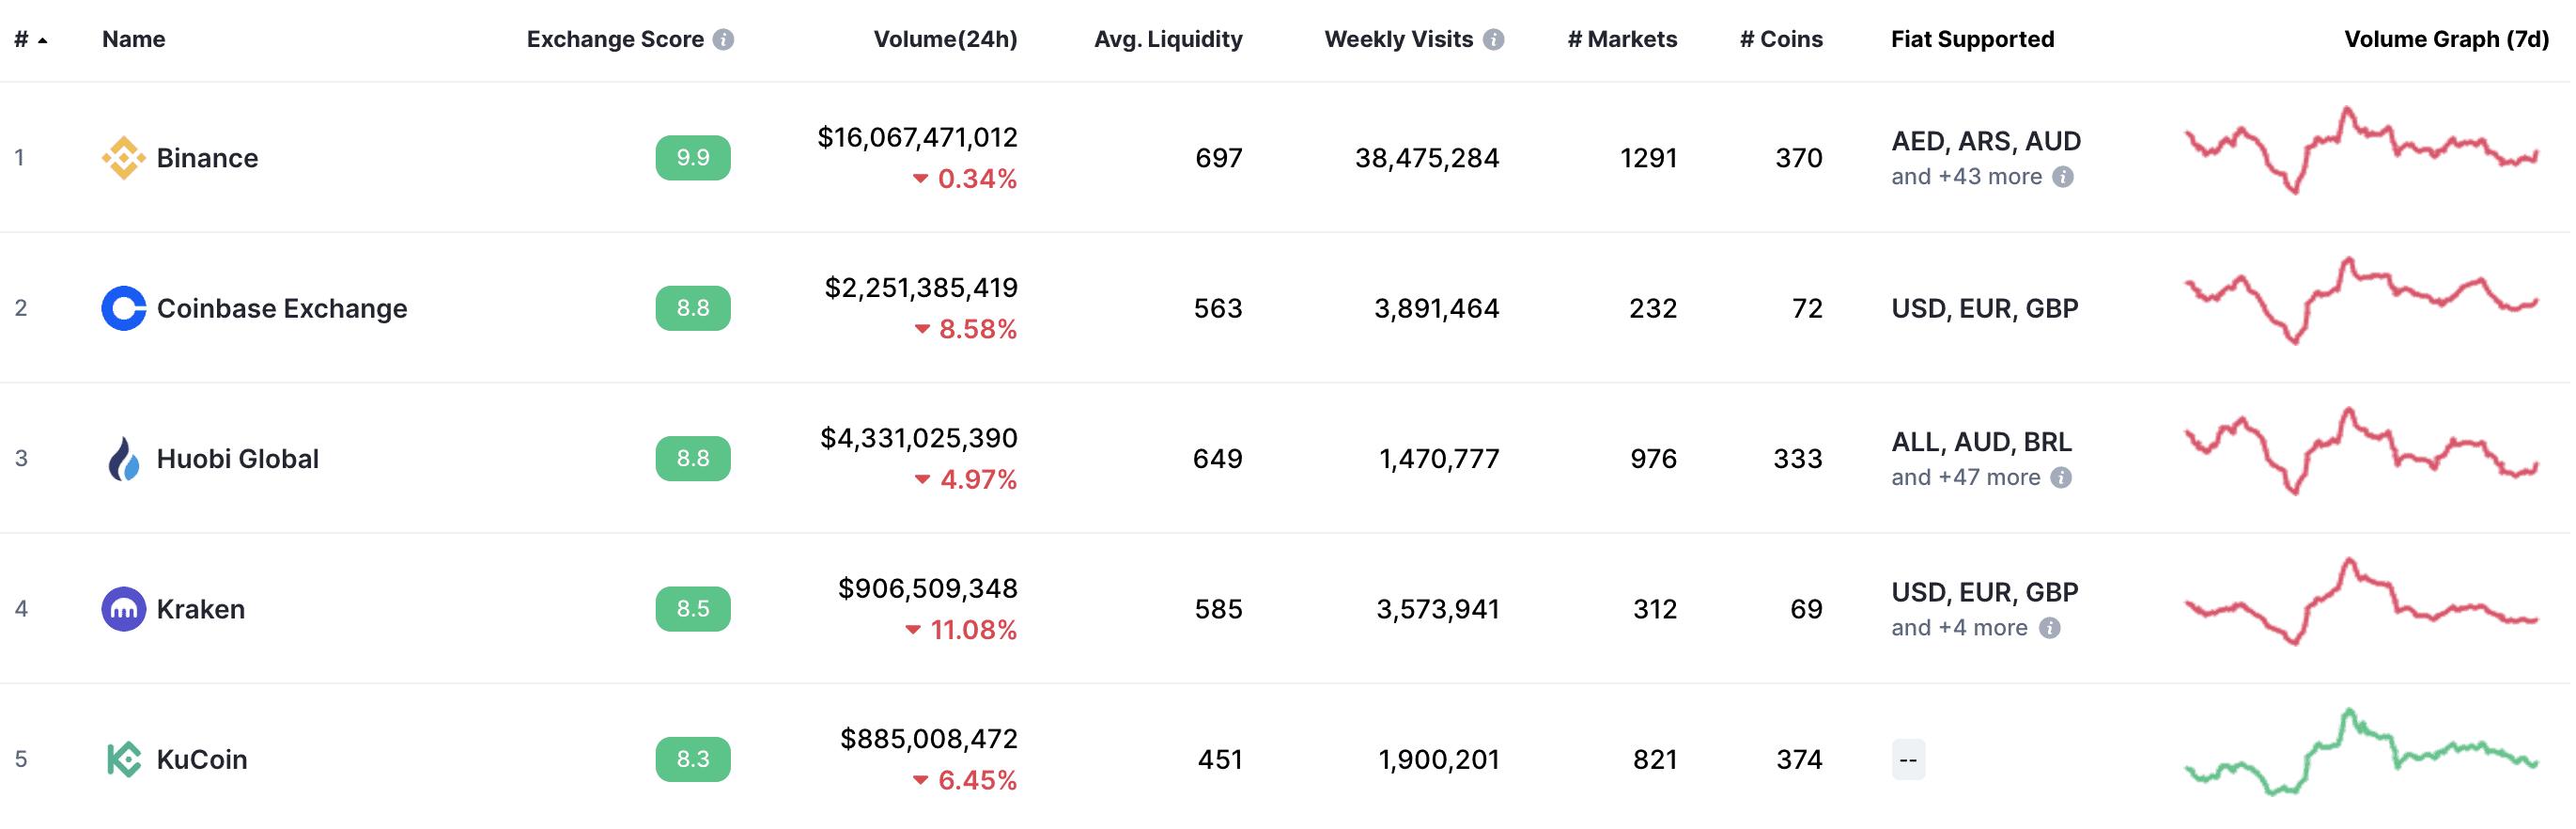 Kraken auf Platz vier der Krypto-Börsen